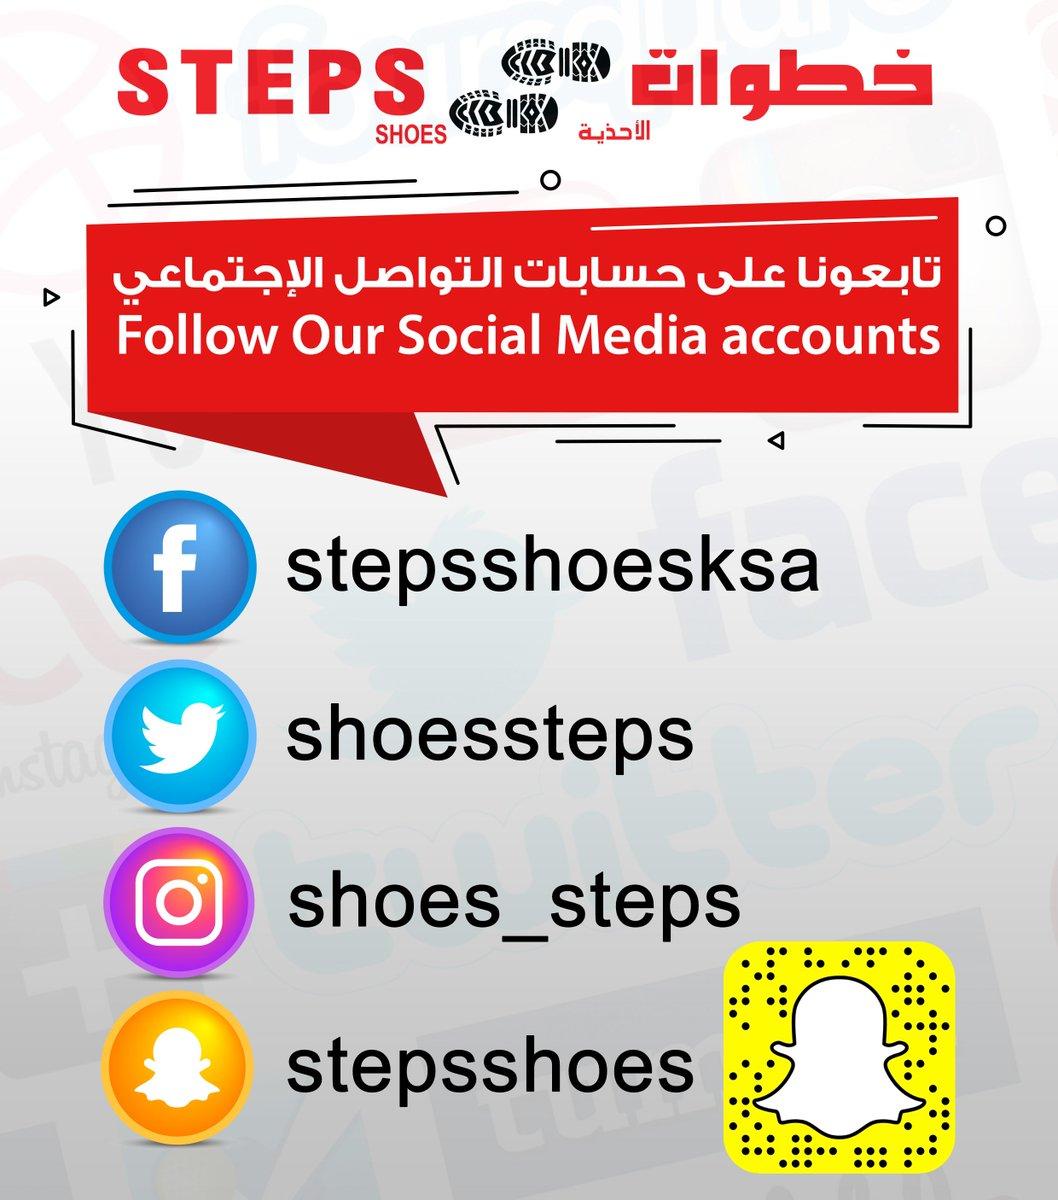 a3af35b41ce55 خطوات الأحذية ( ShoesSteps)